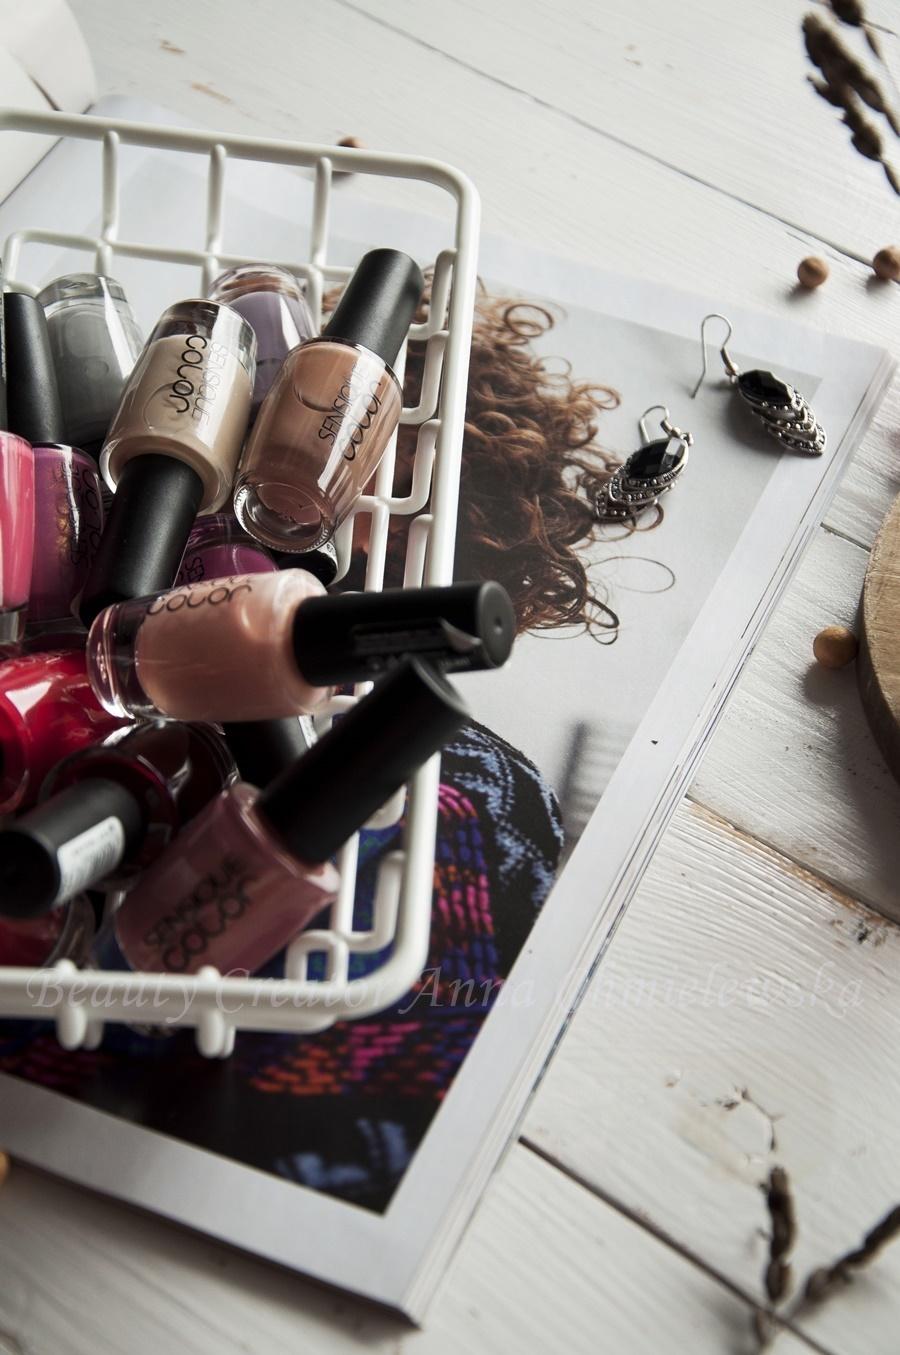 lakiery sensique, lakiery drogeryjne, klasyczne lakiery do paznokci,